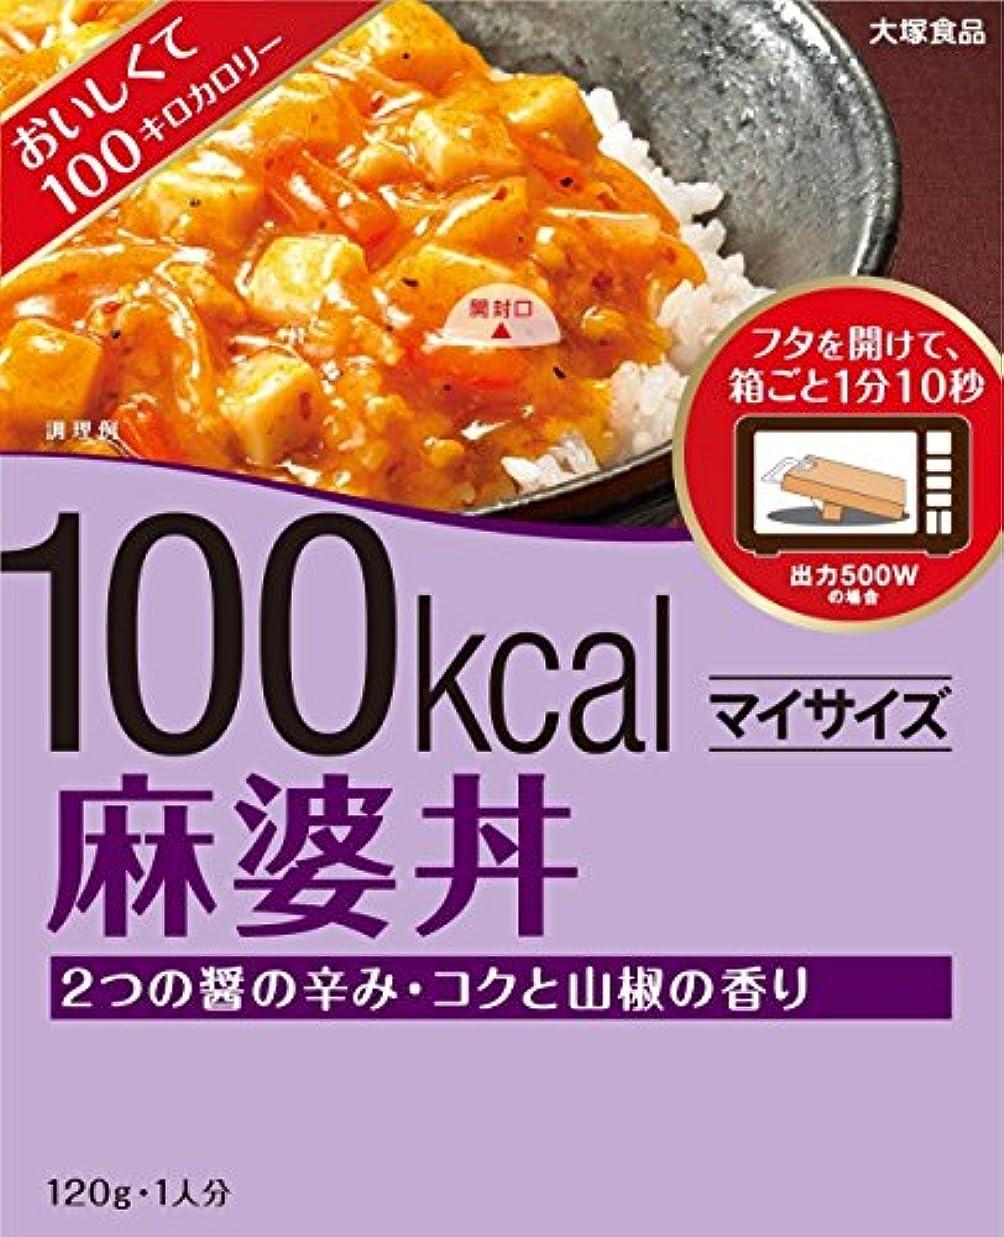 ギャング垂直蘇生する大塚 マイサイズ 麻婆丼 120g【5個セット】